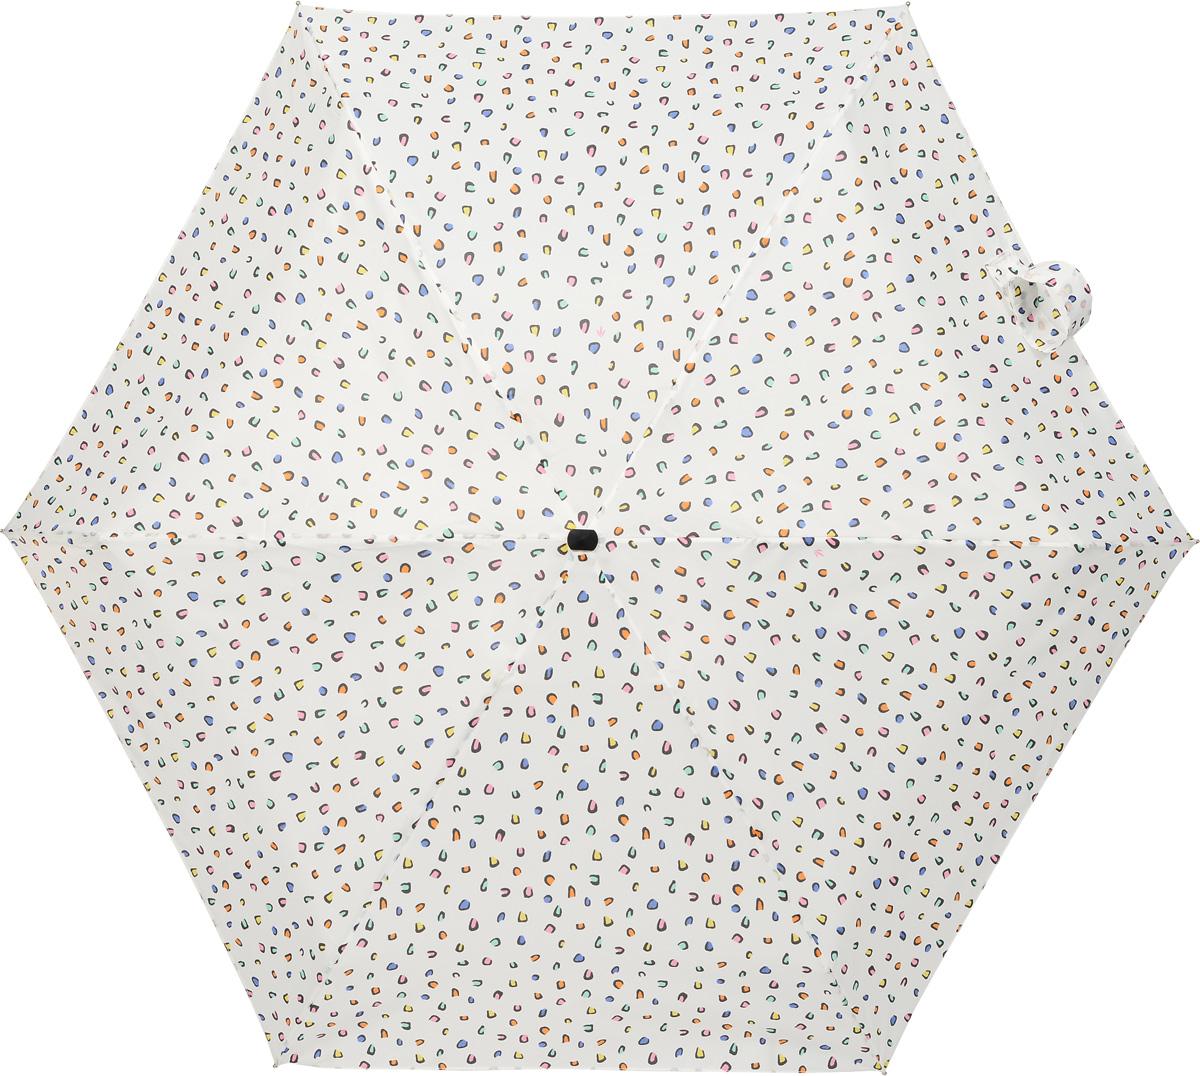 Зонт женский механика Fulton, расцветка: расцветканой леопард. L501-3172 CandyLeopardL501-3172 CandyLeopardПрочный, необыкновенно компактный зонт, который с легкостью поместится в маленькую сумочку. Удобный плоский чехол. Облегченный алюминиевый каркас с элементами из фибергласса. Ветроустойчивая конструкция. Размеры зонта в сложенном виде 15смх6смх3см, диаметр купола 87 см.